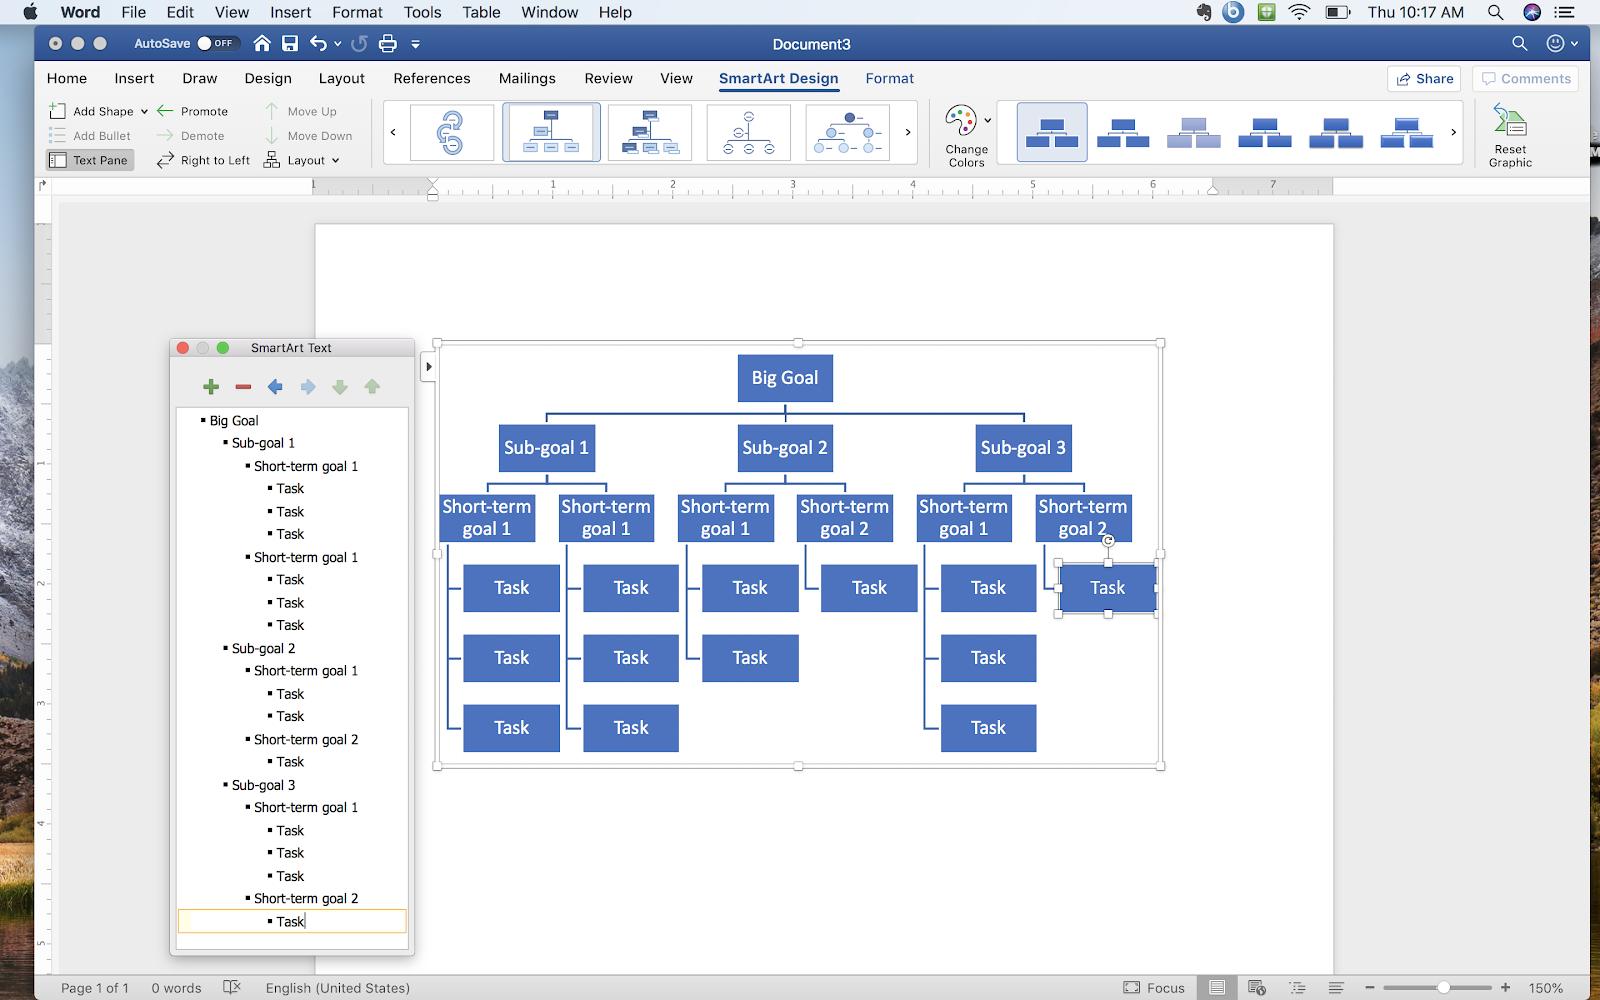 Screenshot how to create a goal tree in Microsoft Word